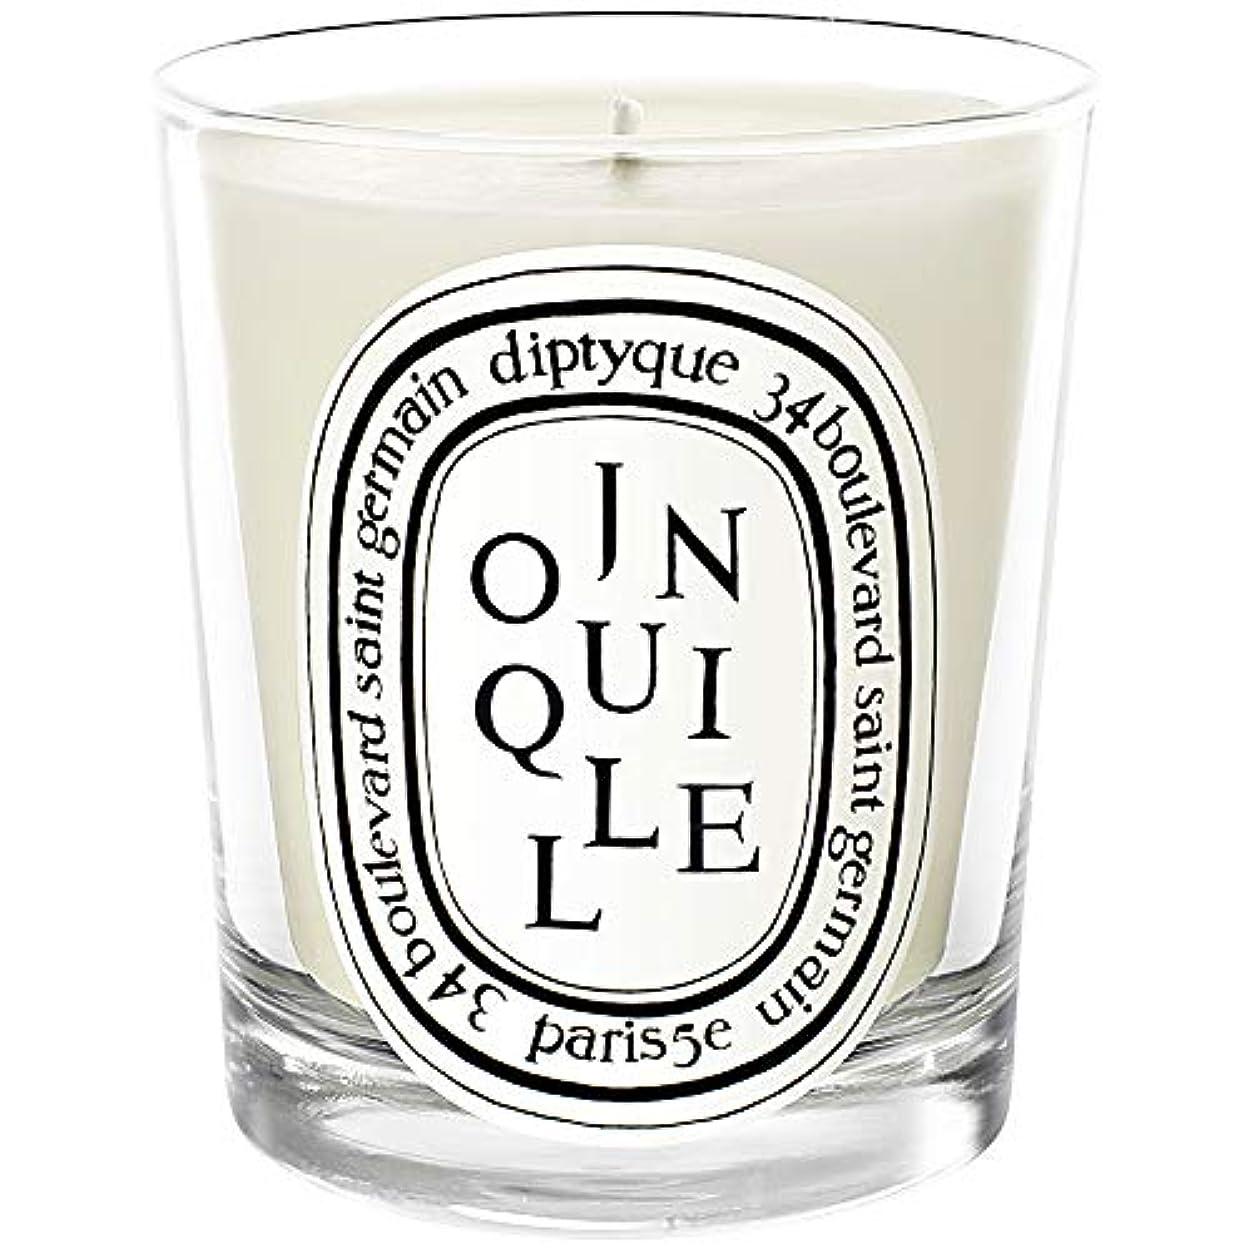 成長する敵対的火山の[Diptyque] Diptyque Jonquilleキャンドル190グラム - Diptyque Jonquille Candle 190g [並行輸入品]